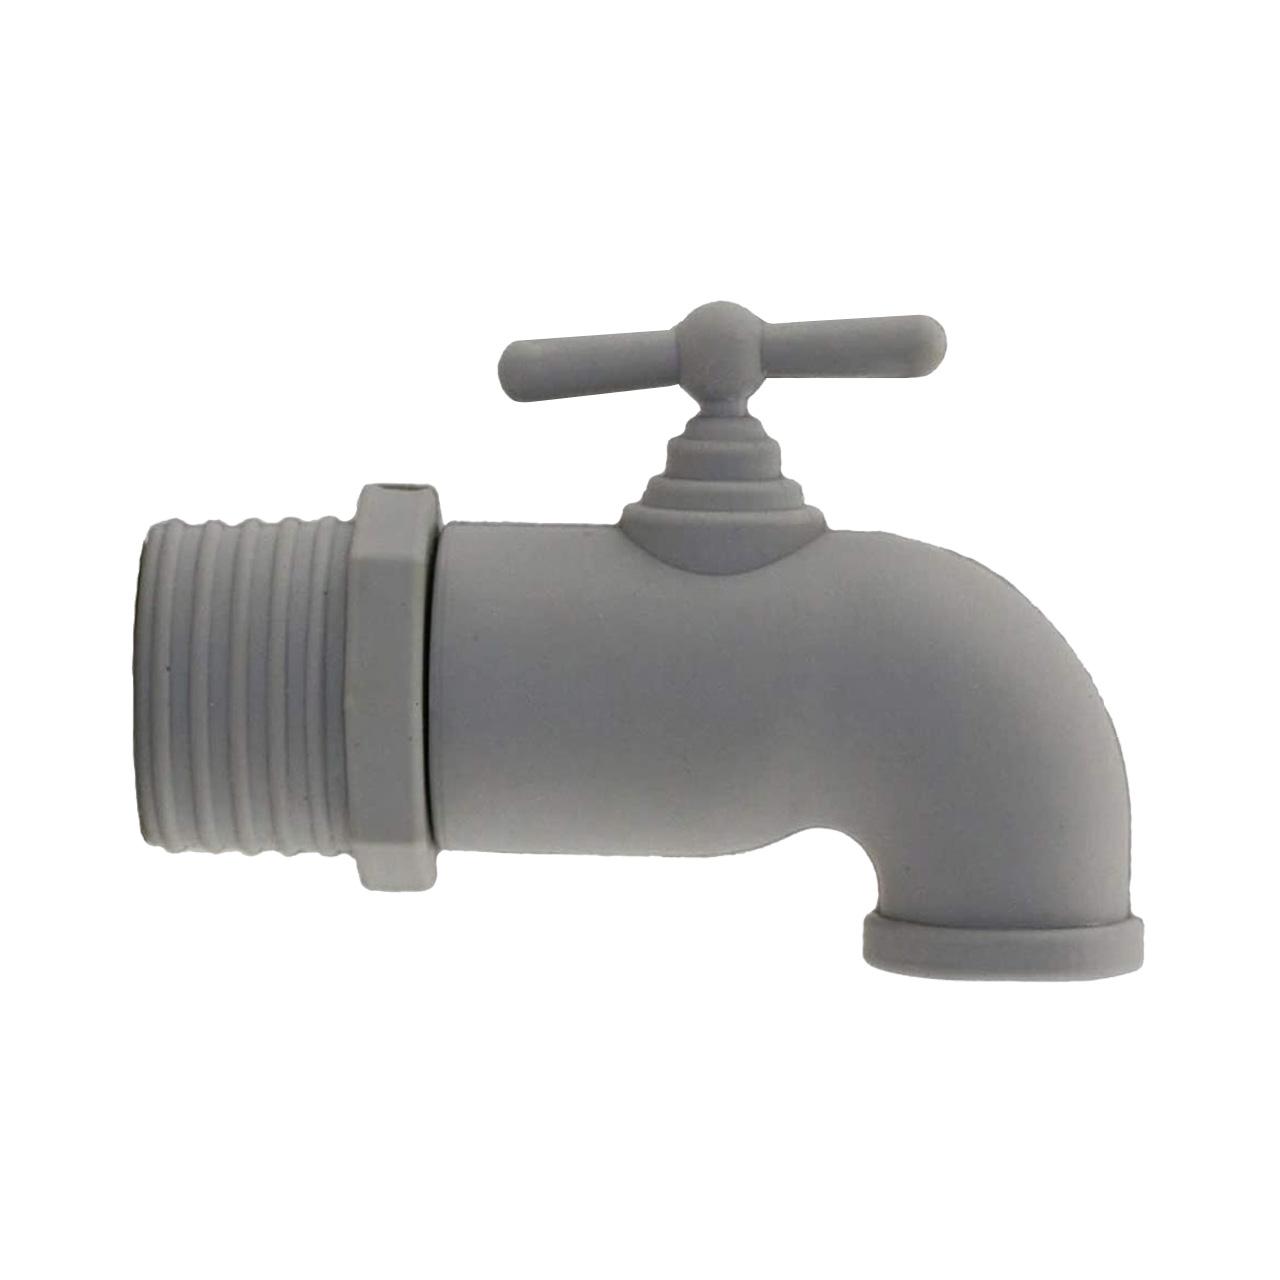 بررسی و {خرید با تخفیف} فلش مموری طرح شیر آب مدل Ul-Faucet ظرفیت 8 گیگابایت اصل